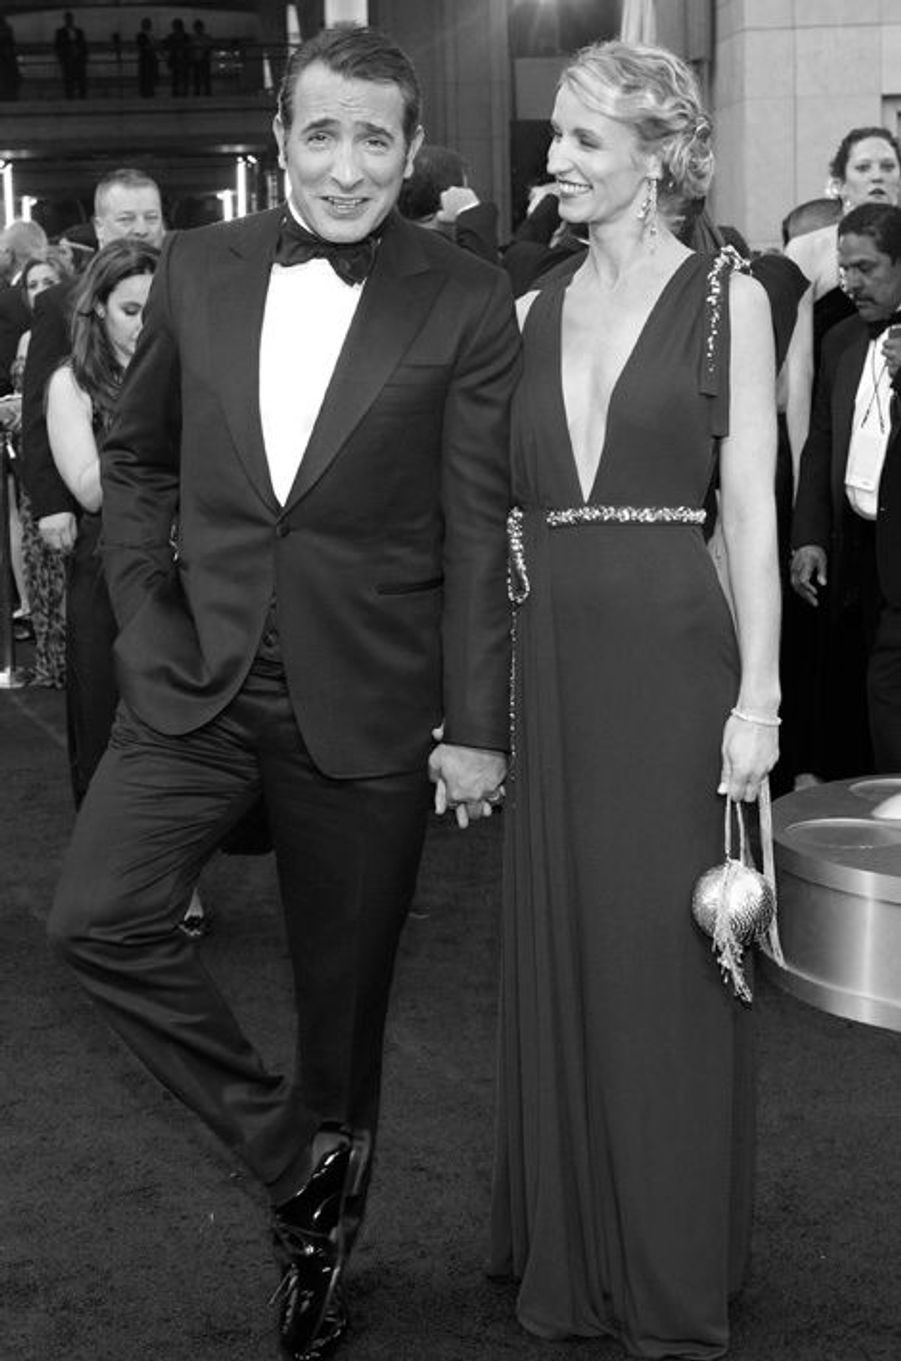 """De Jean Dujardin et Alexandra Lamy à Michael Douglas et Catherine Zeta-Jones, de nombreux couples de célébrités n'ont pas tenu l'année 2013. Récapitulatif en images.""""Chouchou et Loulou"""" n'est plus.Jean Dujardin et Alexandra Lamy ont mis fin cette année à leurs quatre années de mariage, l'actrice prenant la direction de Londres et le comédien oscarisé se concentrant à fond sur sa carrière."""